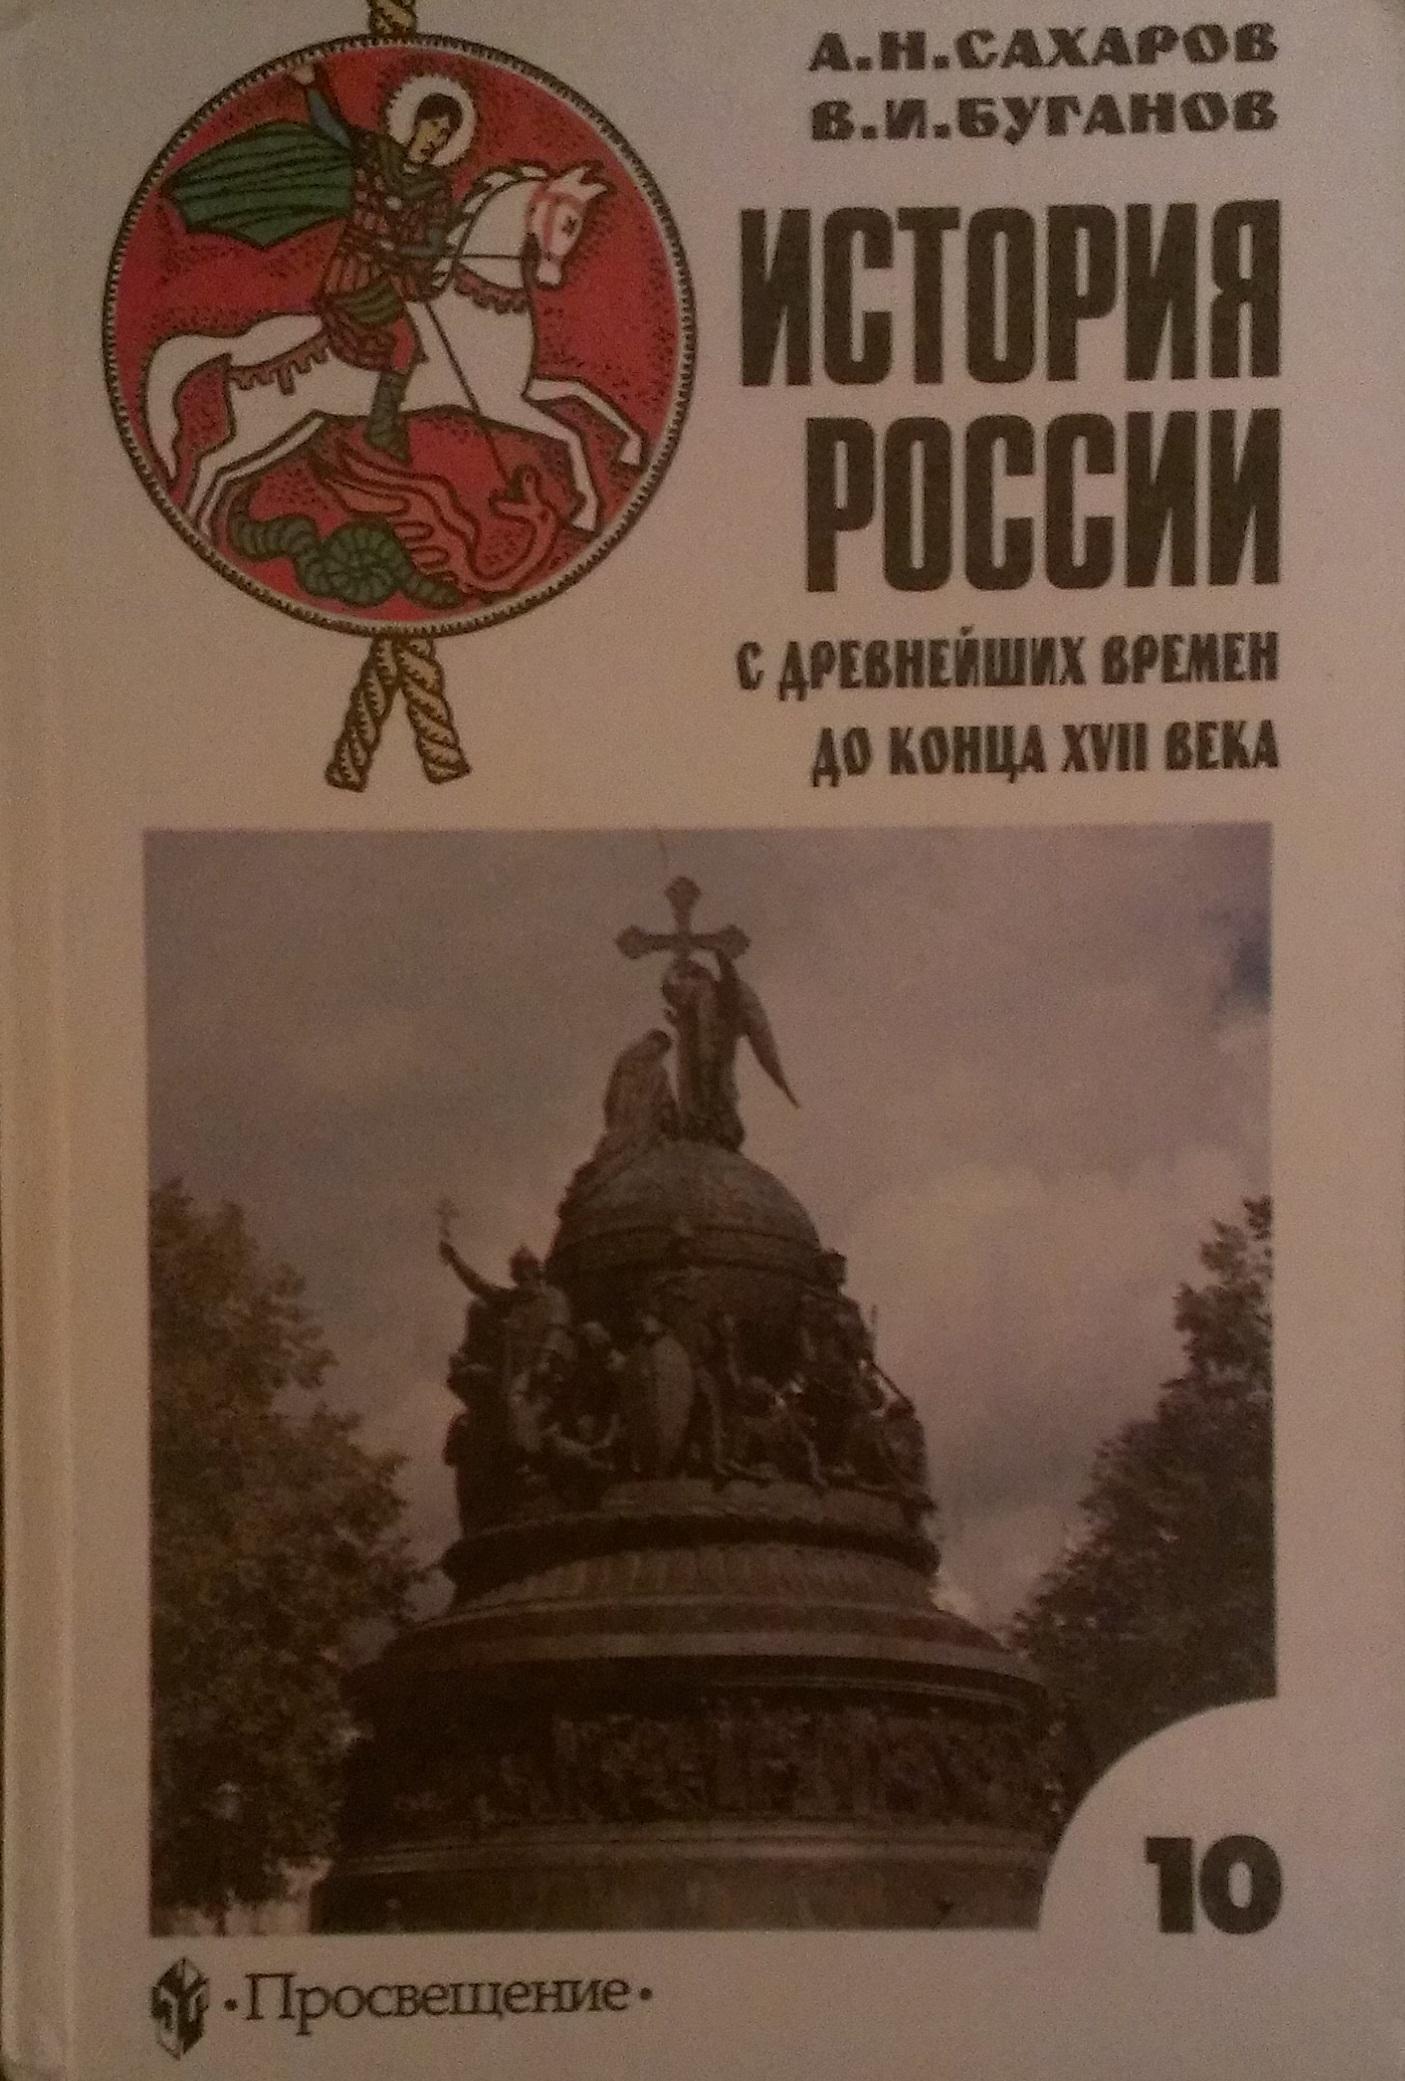 Гдз по истории россии 10 класс сахарова 2 часть